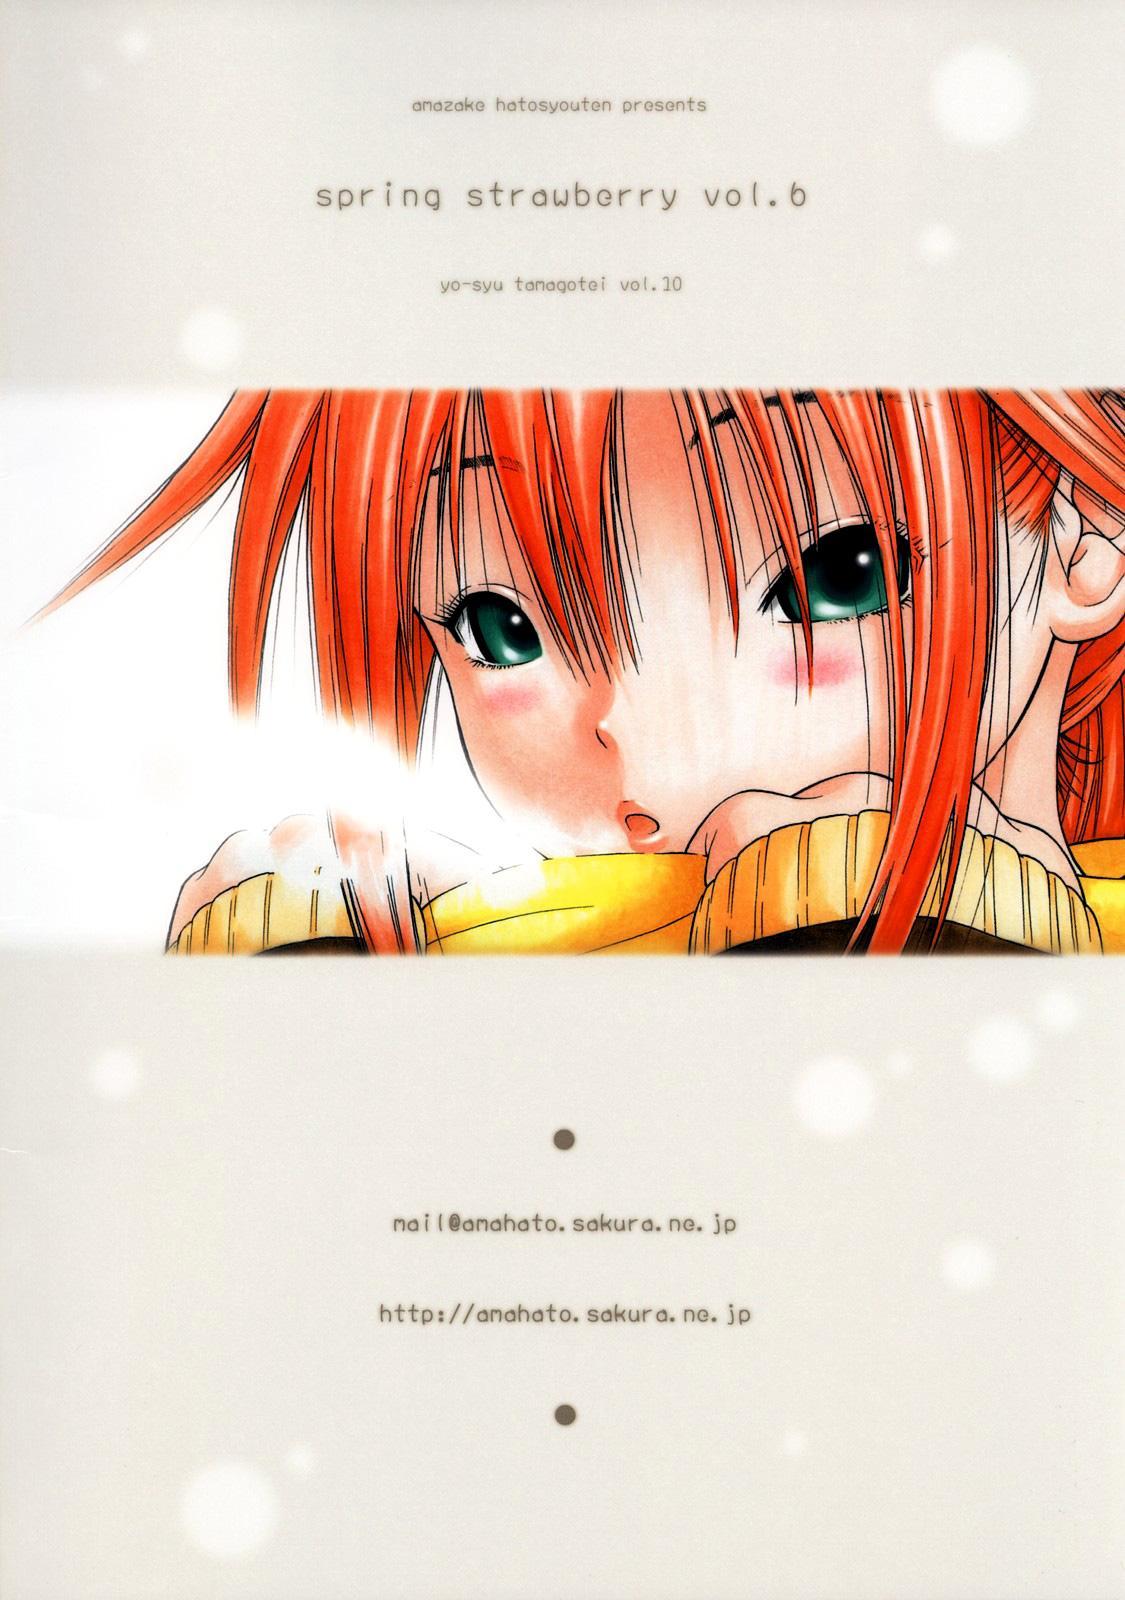 Haru Ichigo Vol. 6 - Spring Strawberry Vol. 6 20